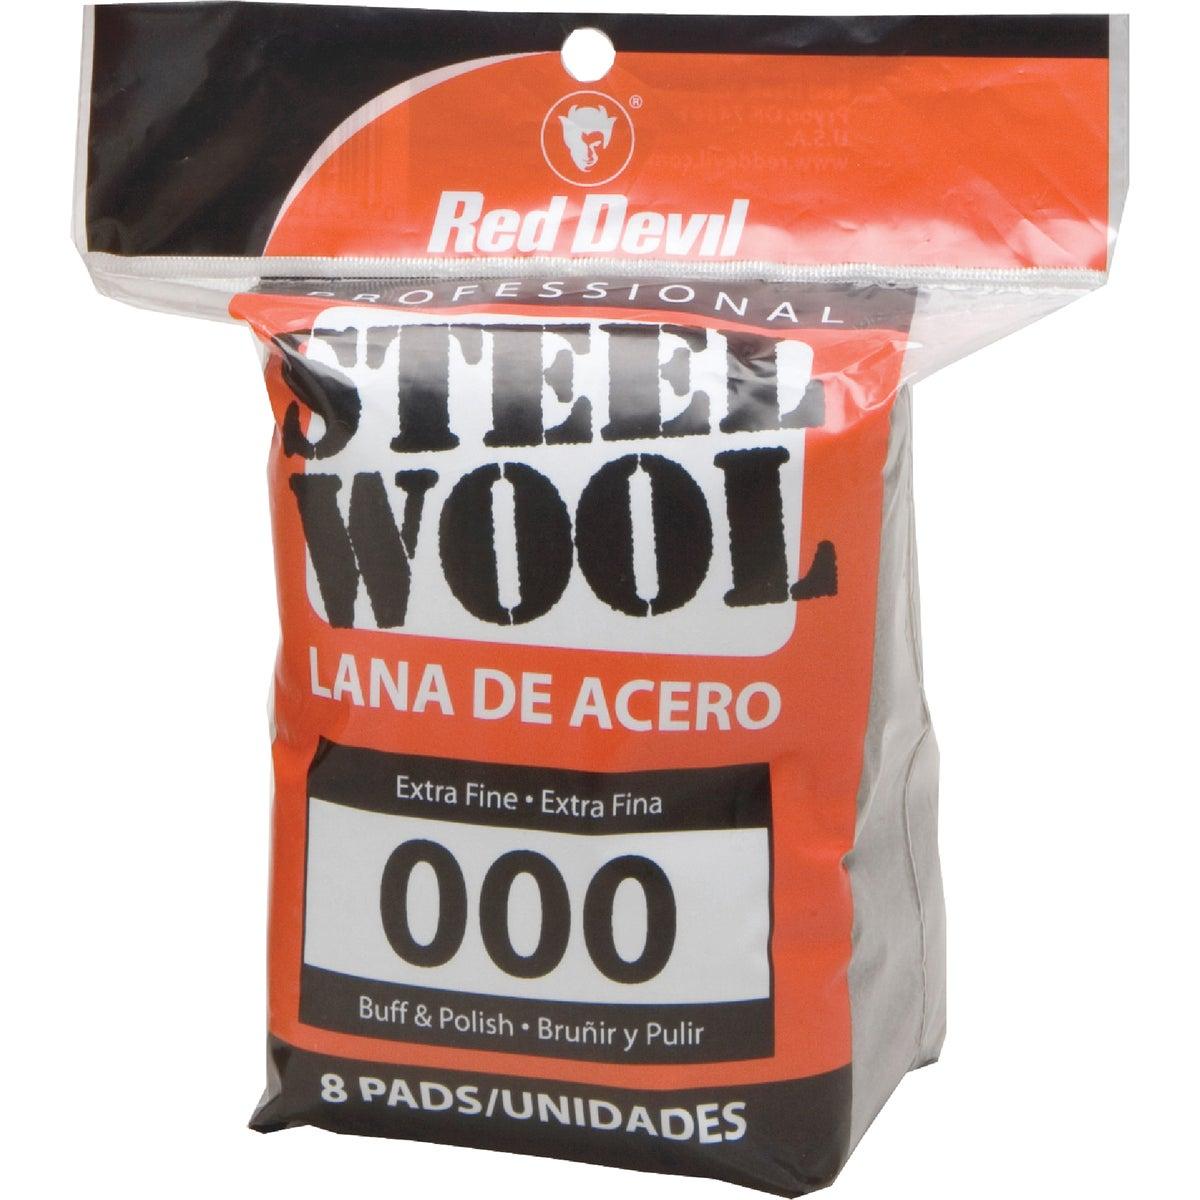 8PK #000 STEEL WOOL